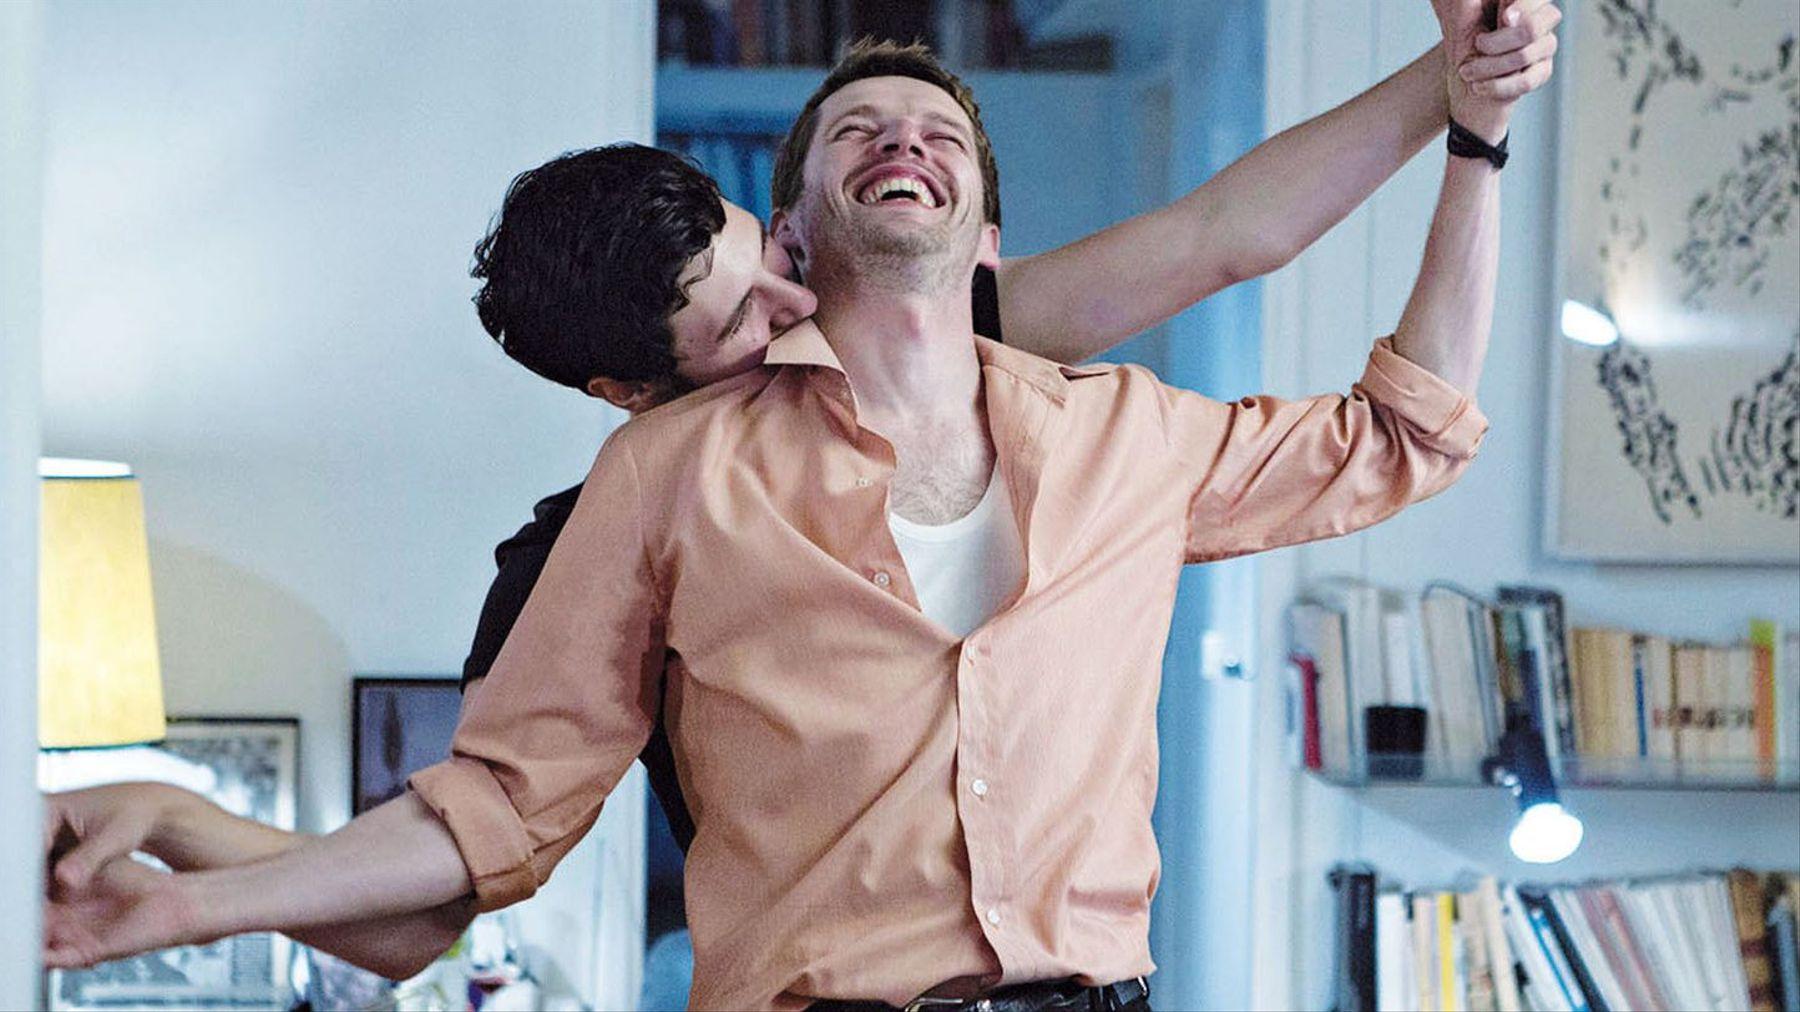 Bayılarak İzleyeceğiniz 9 LGBT Filmi